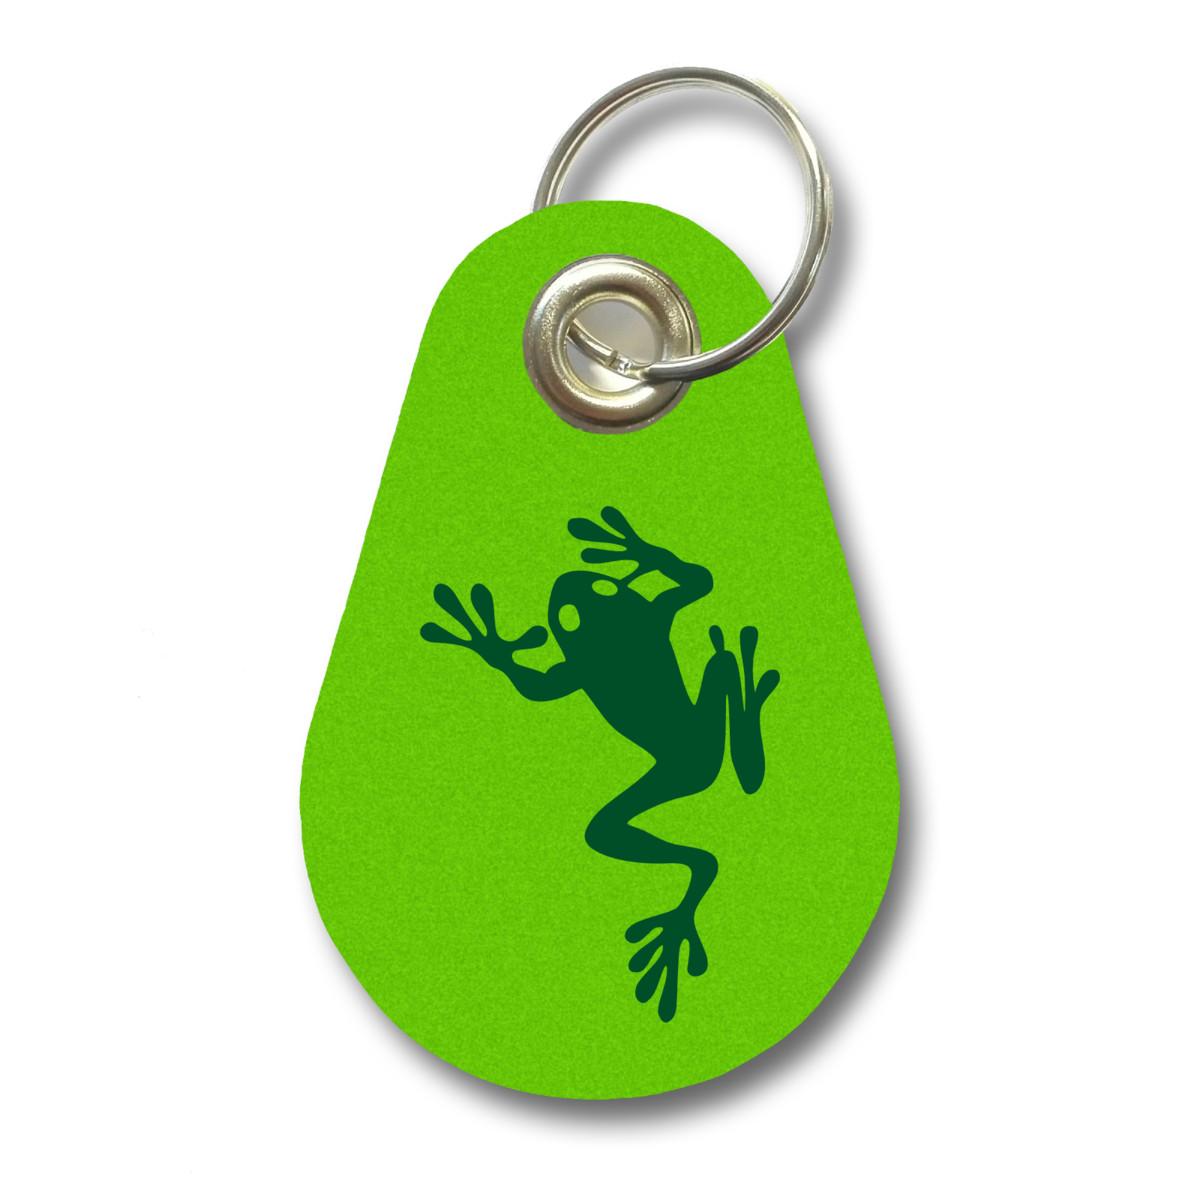 Schlüsselanhänger Kletternder Frosch aus Filz 12 Farben 9,5x6,5cm   eBay